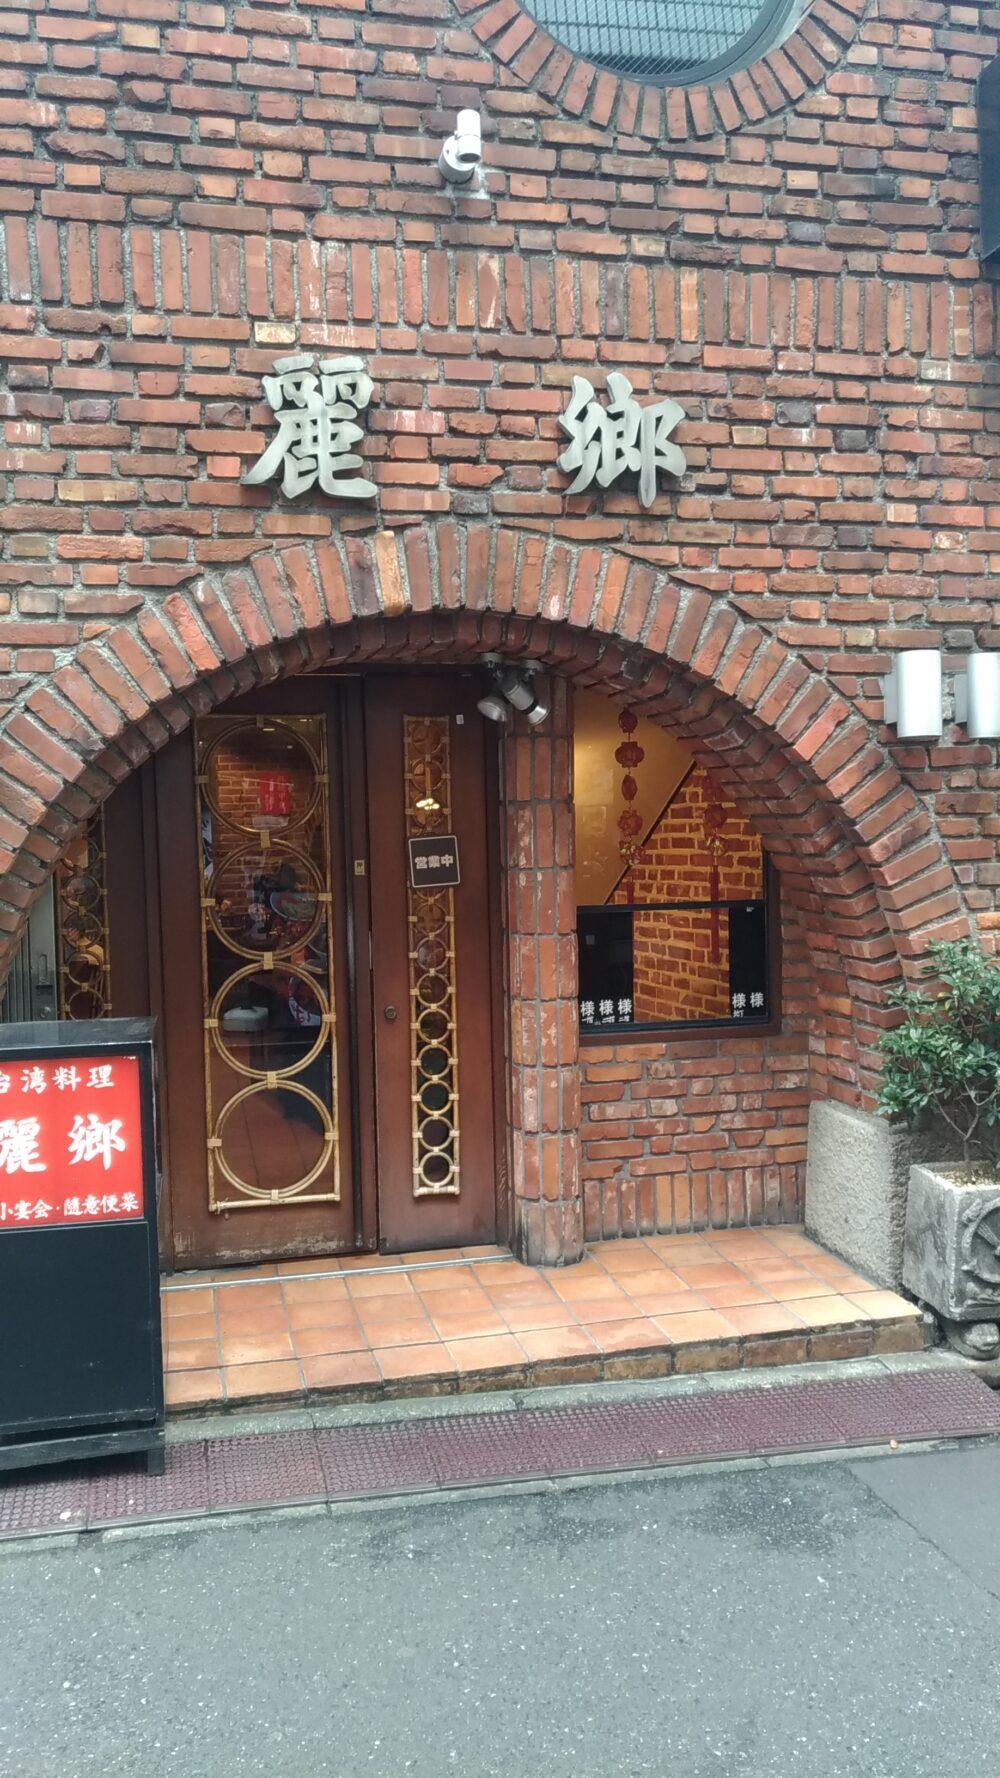 渋谷でランチ。老舗の台湾料理屋 麗郷(れいきょう)さんは旨すぎた!